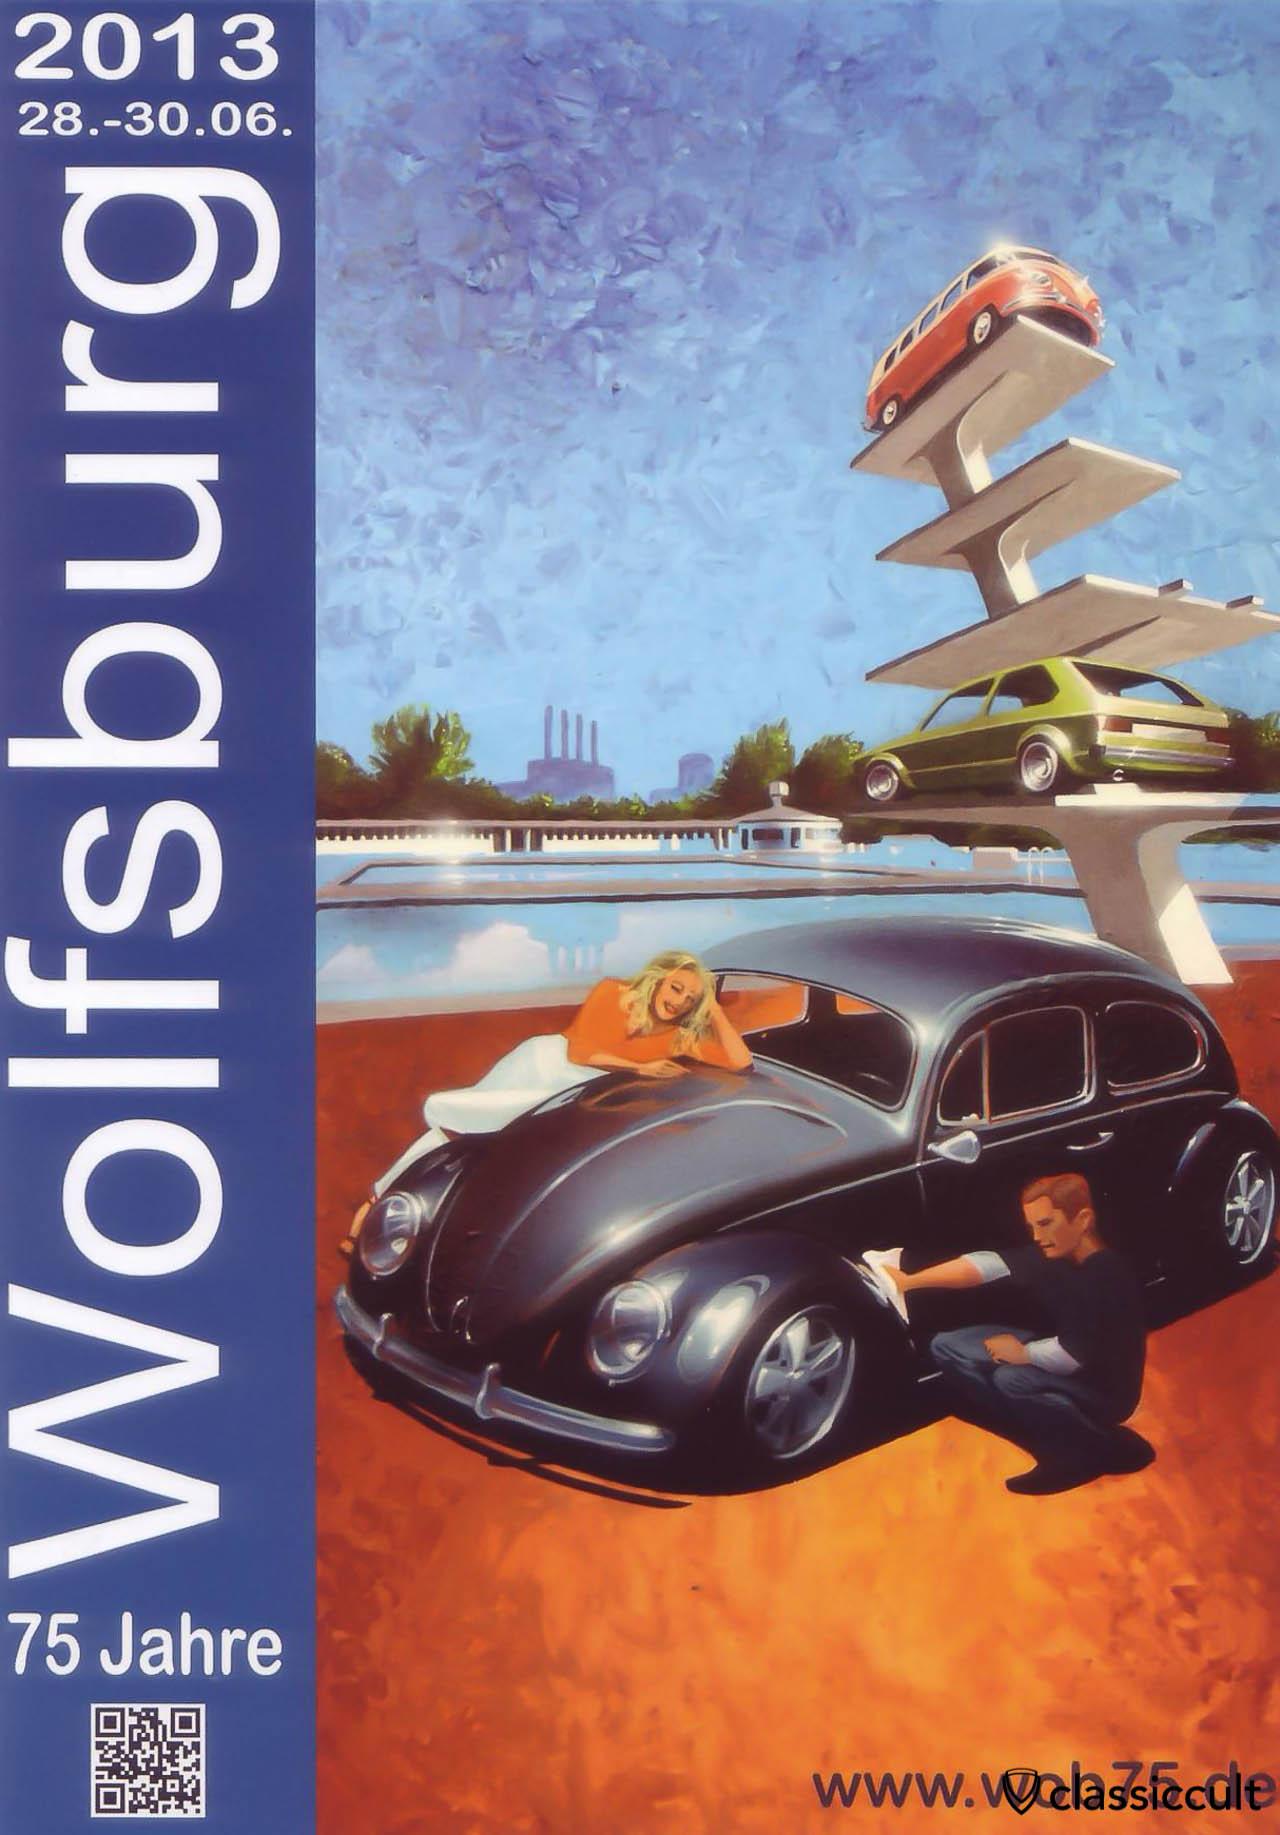 75 Jahre Wolfsburg 28.06.2013 - 30.06.2013 VW Treffen 2013 Flyer